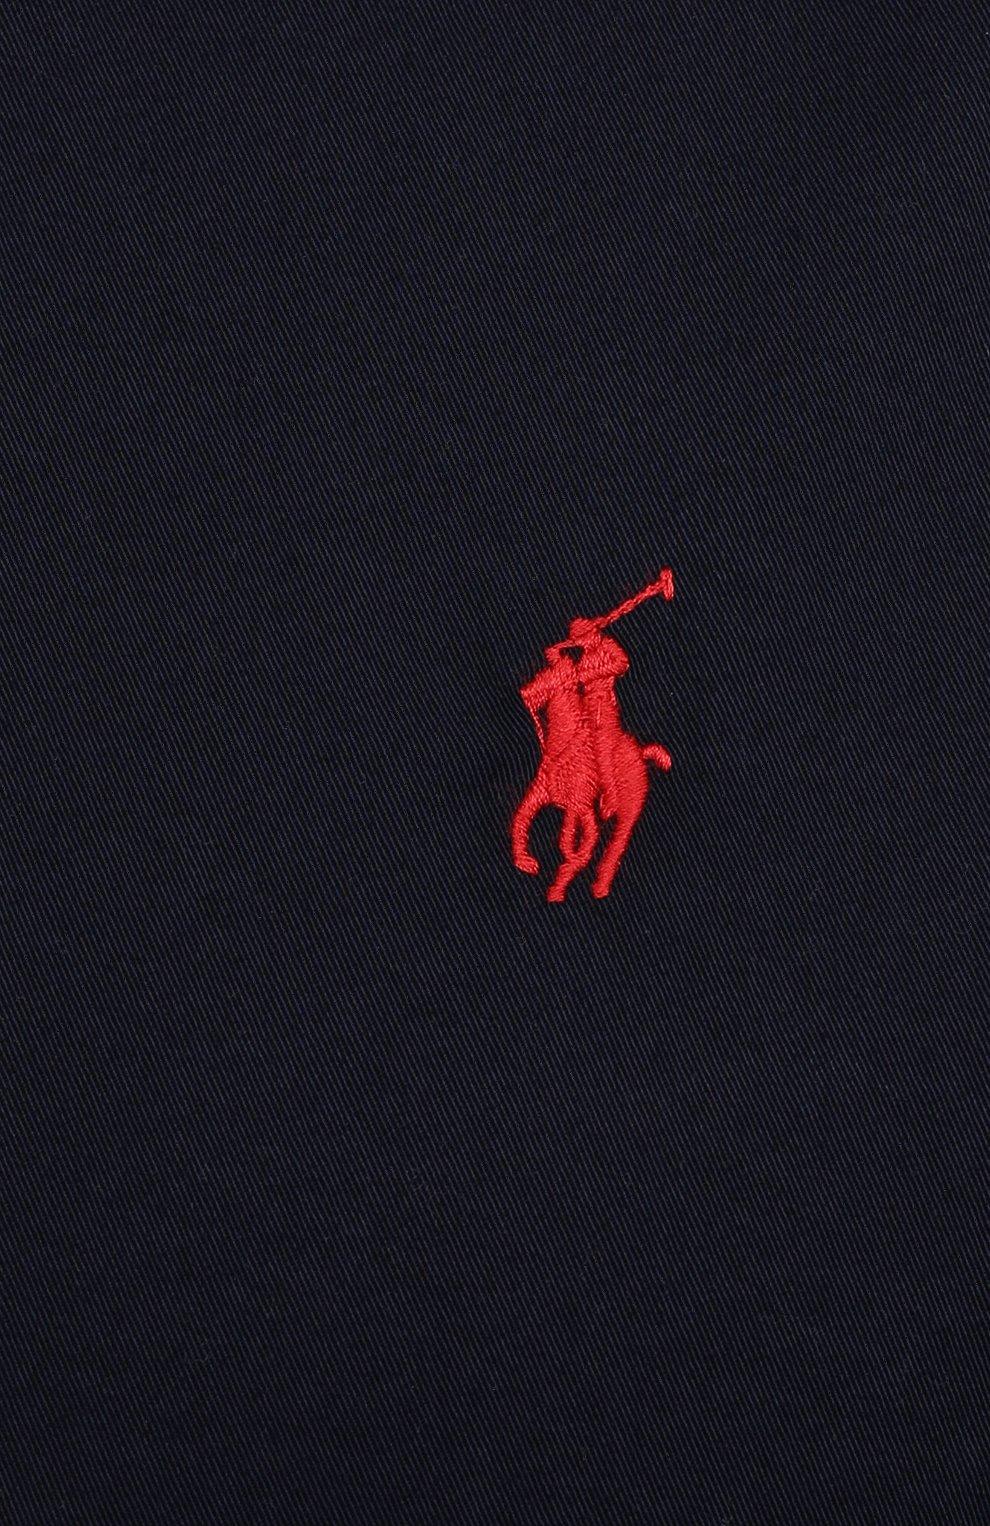 Мужской хлопковый бомбер POLO RALPH LAUREN темно-синего цвета, арт. 711776849/PRL BS   Фото 5 (Кросс-КТ: Куртка; Big sizes: Big Sizes; Рукава: Длинные; Принт: Без принта; Материал внешний: Хлопок; Длина (верхняя одежда): Короткие; Материал подклада: Хлопок; Стили: Кэжуэл)